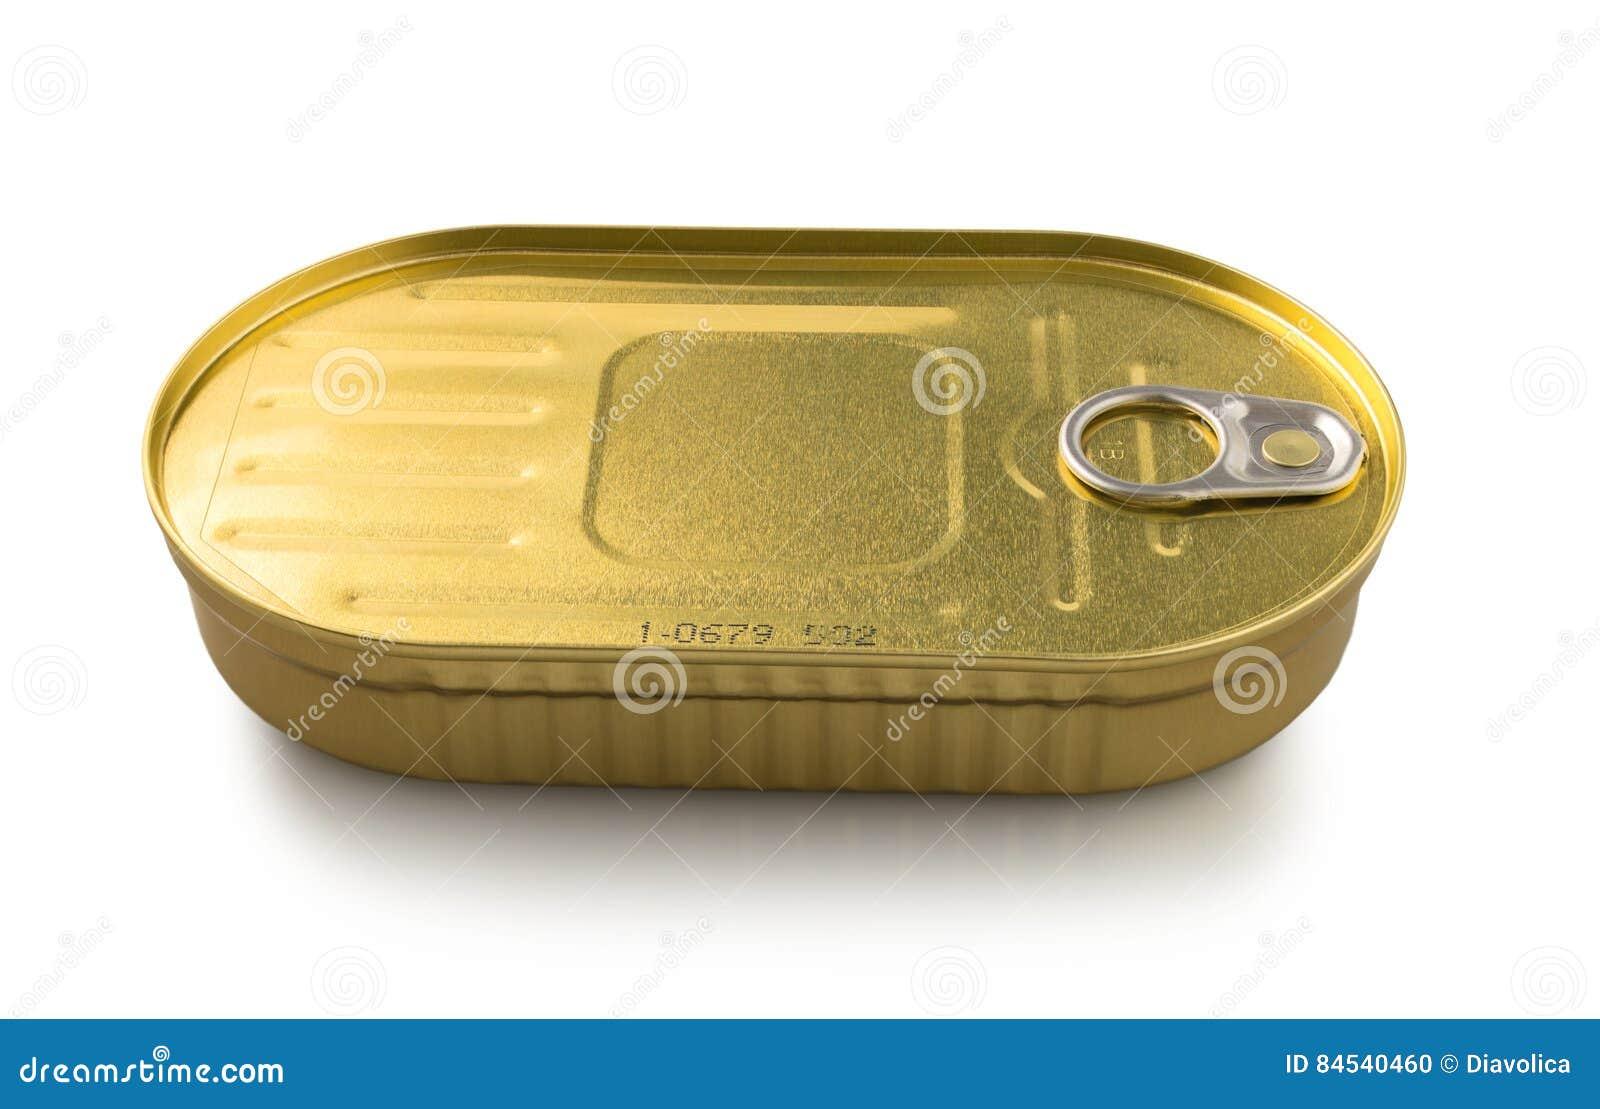 Жестяная коробка металла